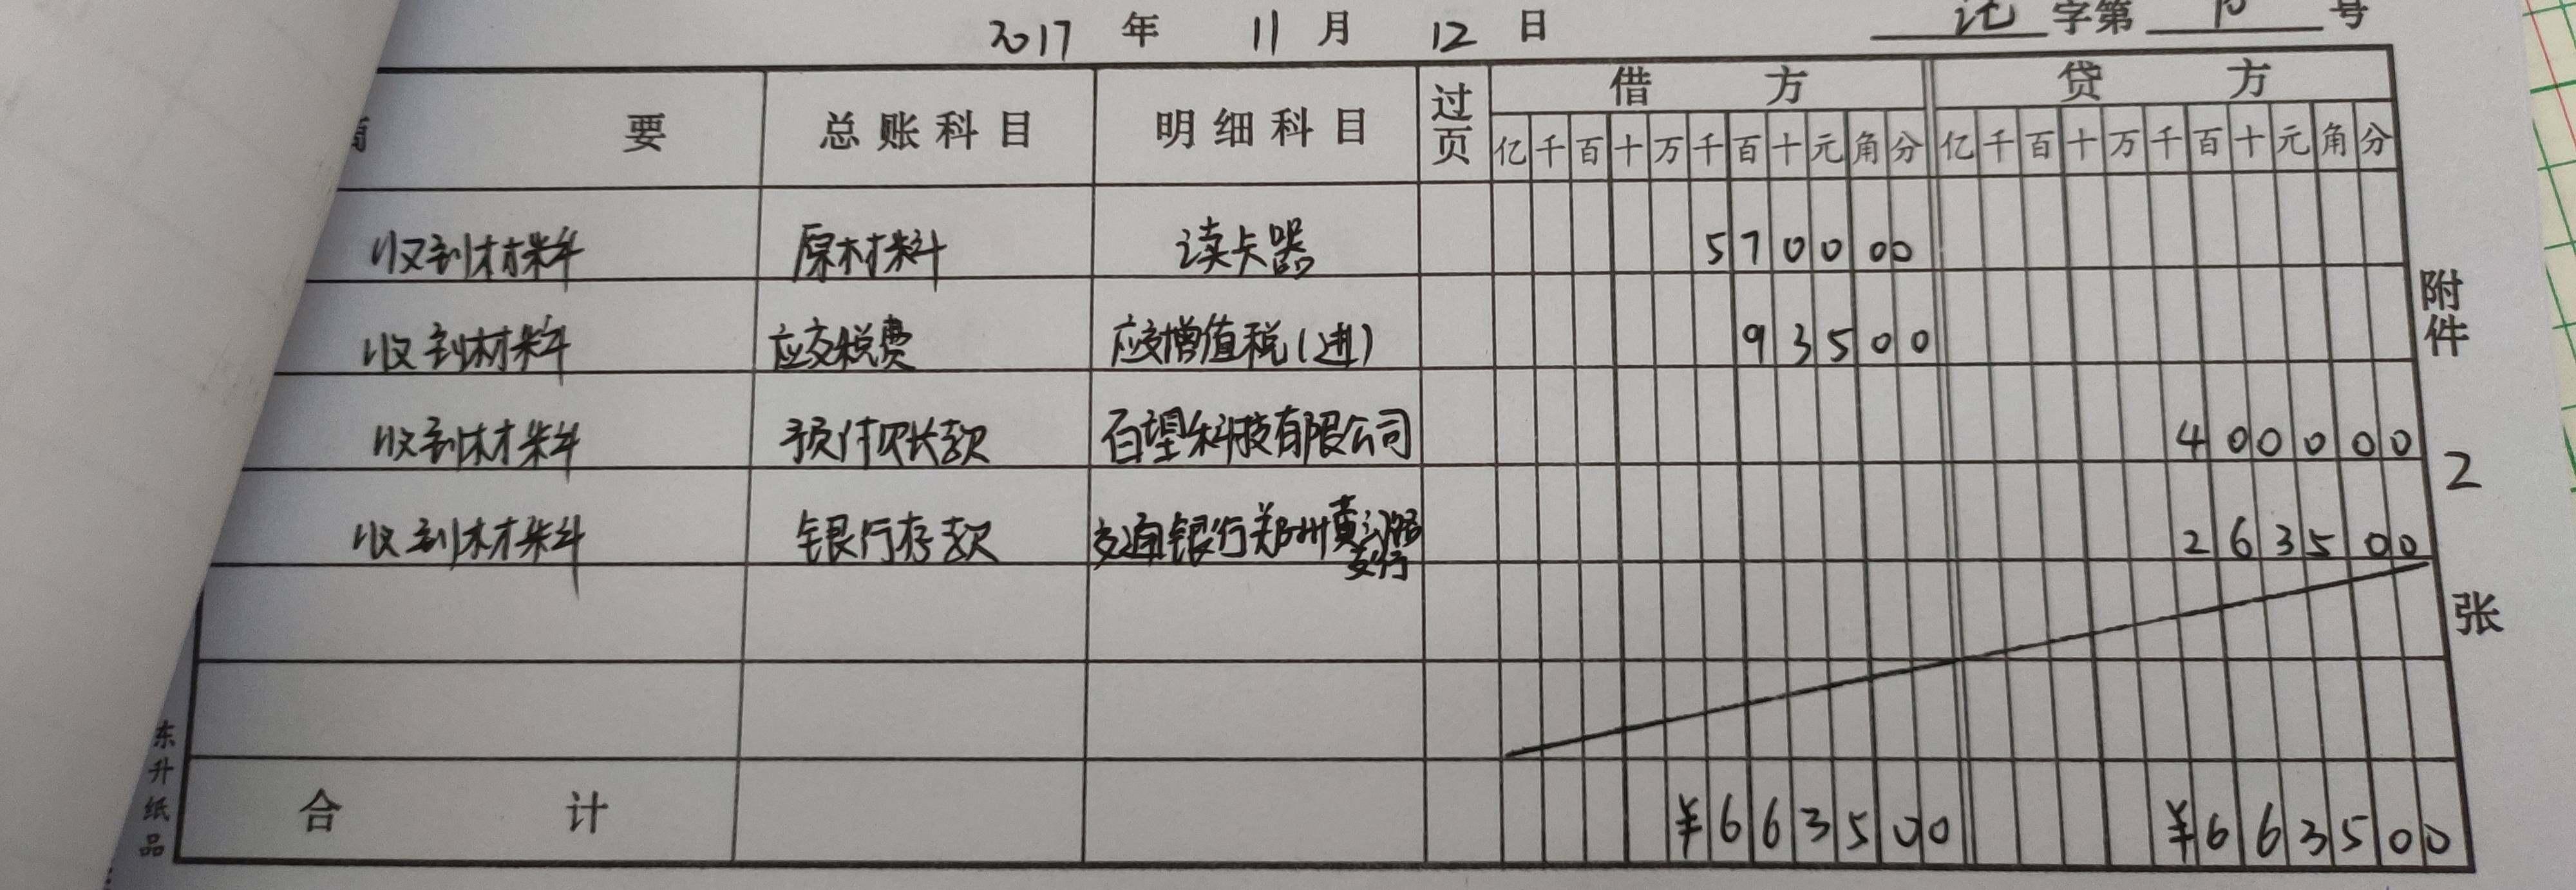 老师,那对于这张凭证,写银行存款日记账的时候,对应科目和金额应该如何写呢